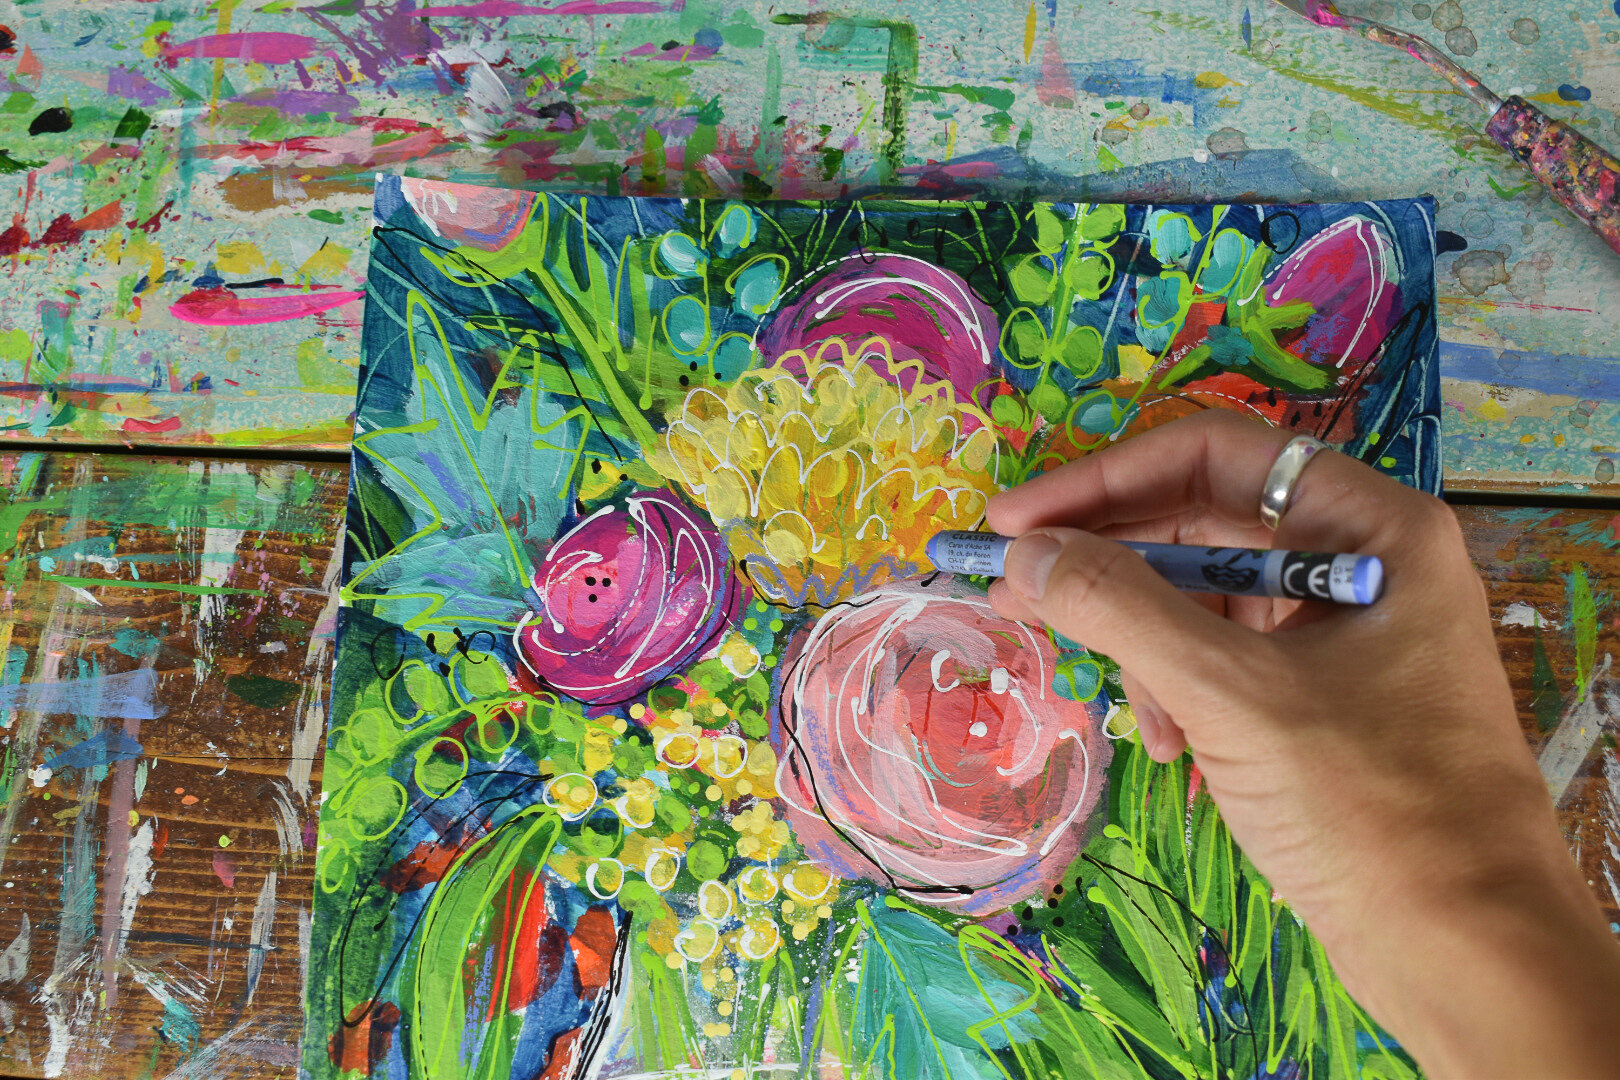 boho_tropical_flowers_painting_daisyfaithart_5.jpg